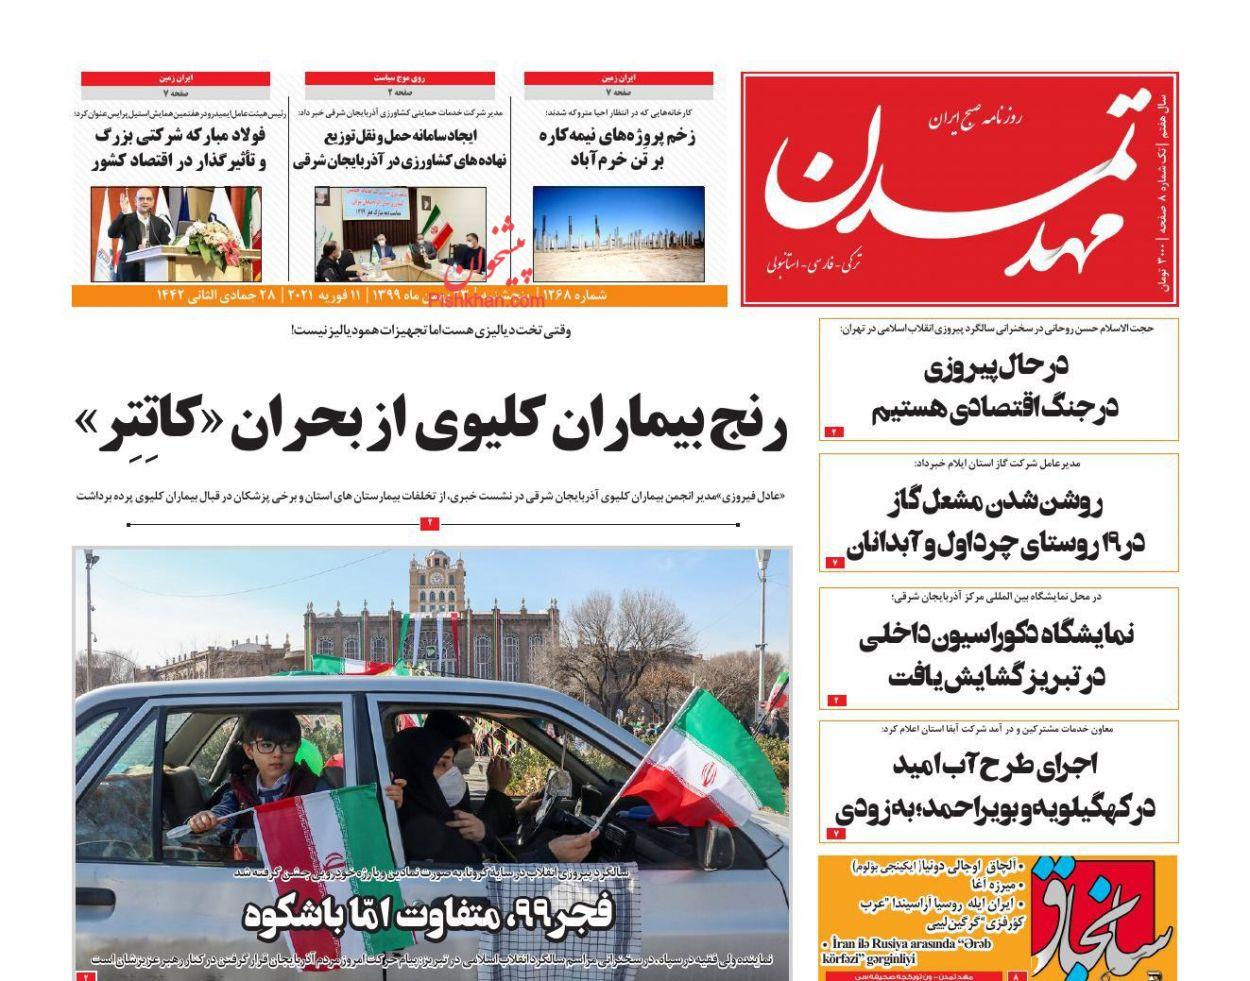 عناوین اخبار روزنامه مهد تمدن در روز پنجشنبه ۲۳ بهمن